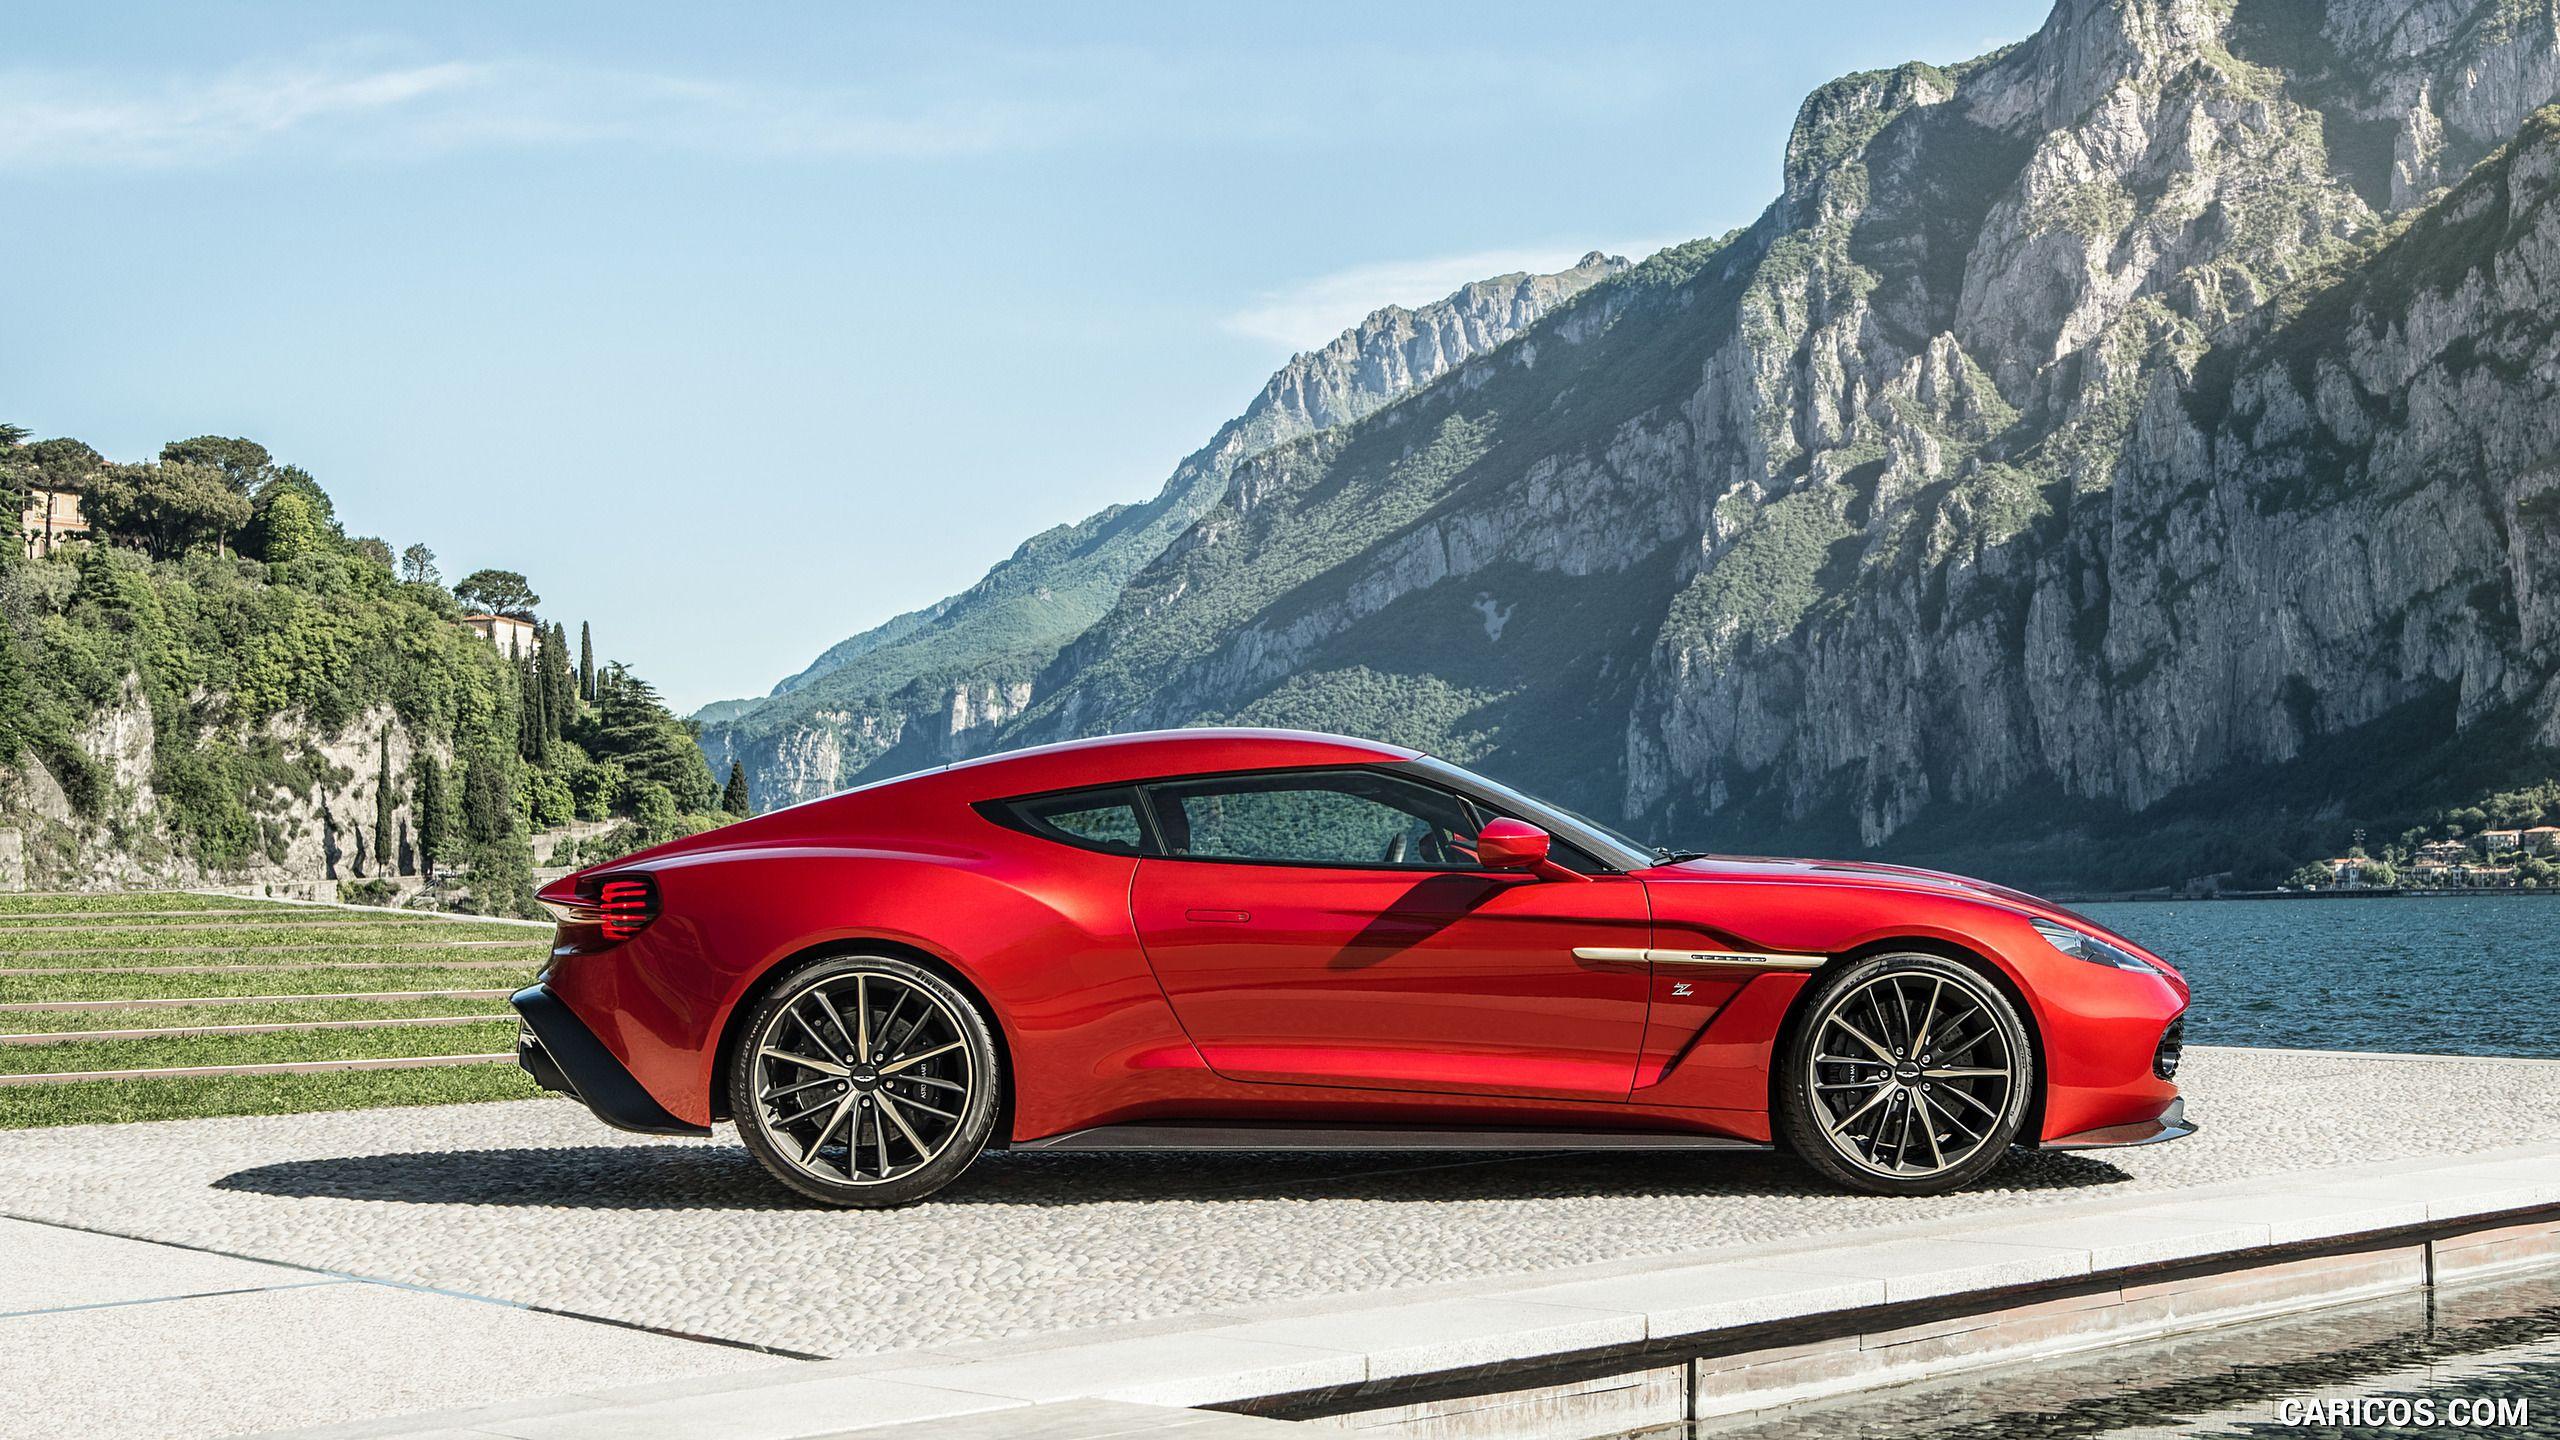 2016 Aston Martin Vanquish Zagato Concept Side HD